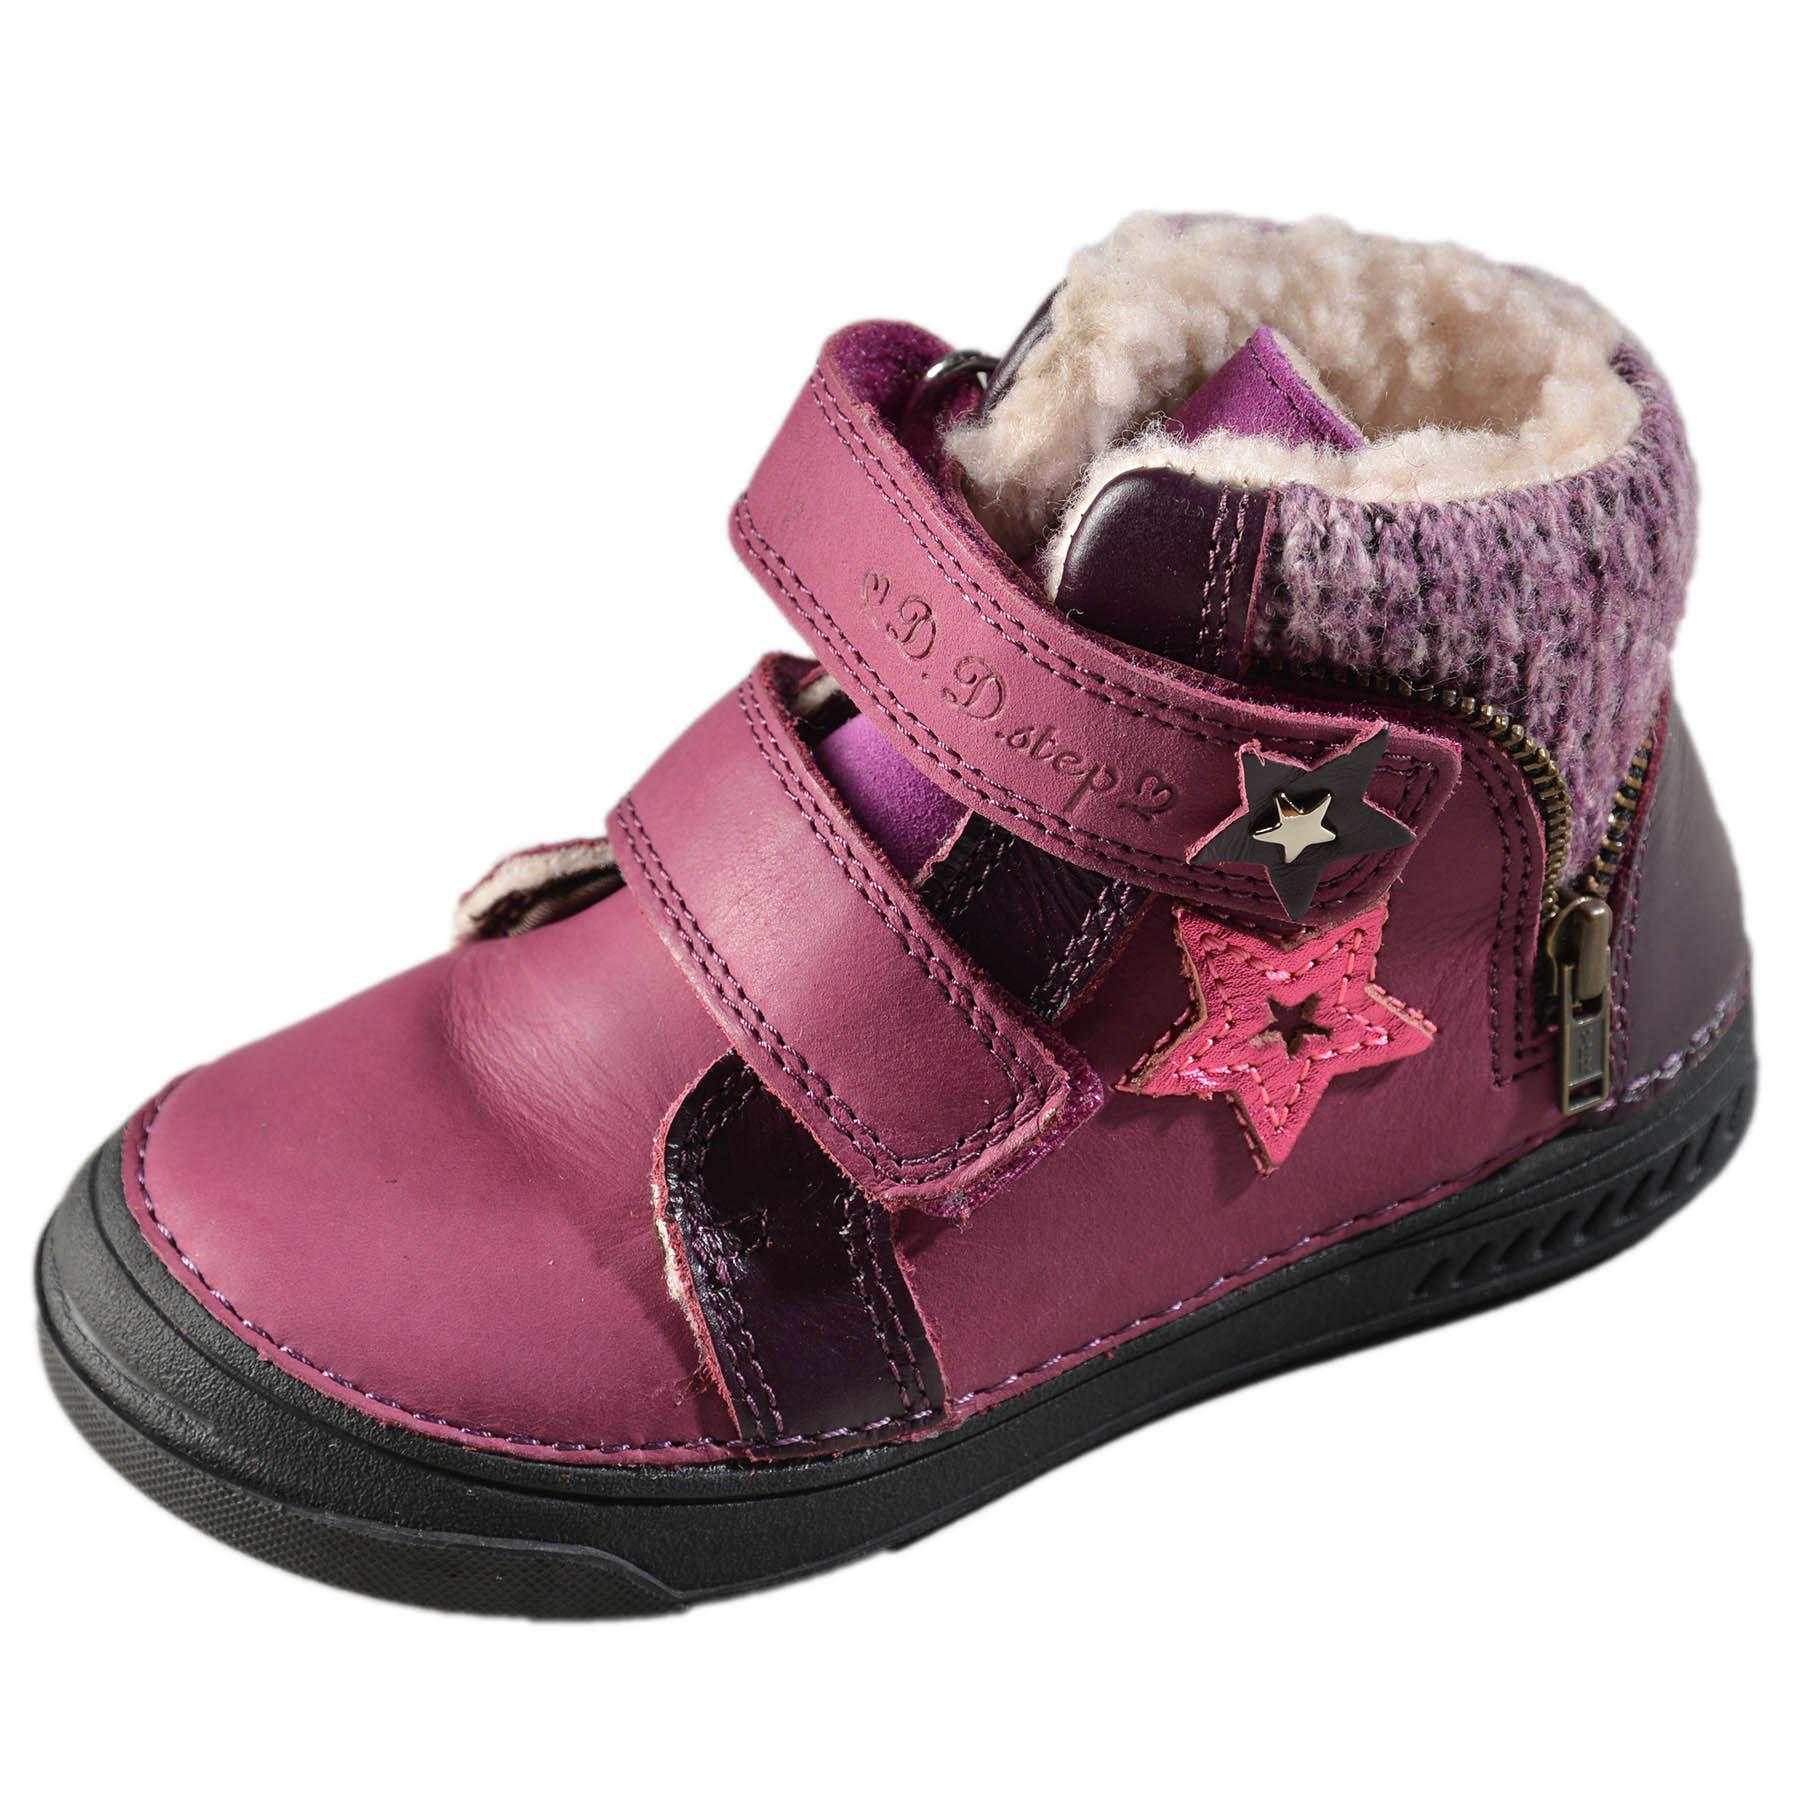 Dievčenské zimné topánky zateplené s kožušinkou-Violet DDstep - 040 ... 3770066a6bd